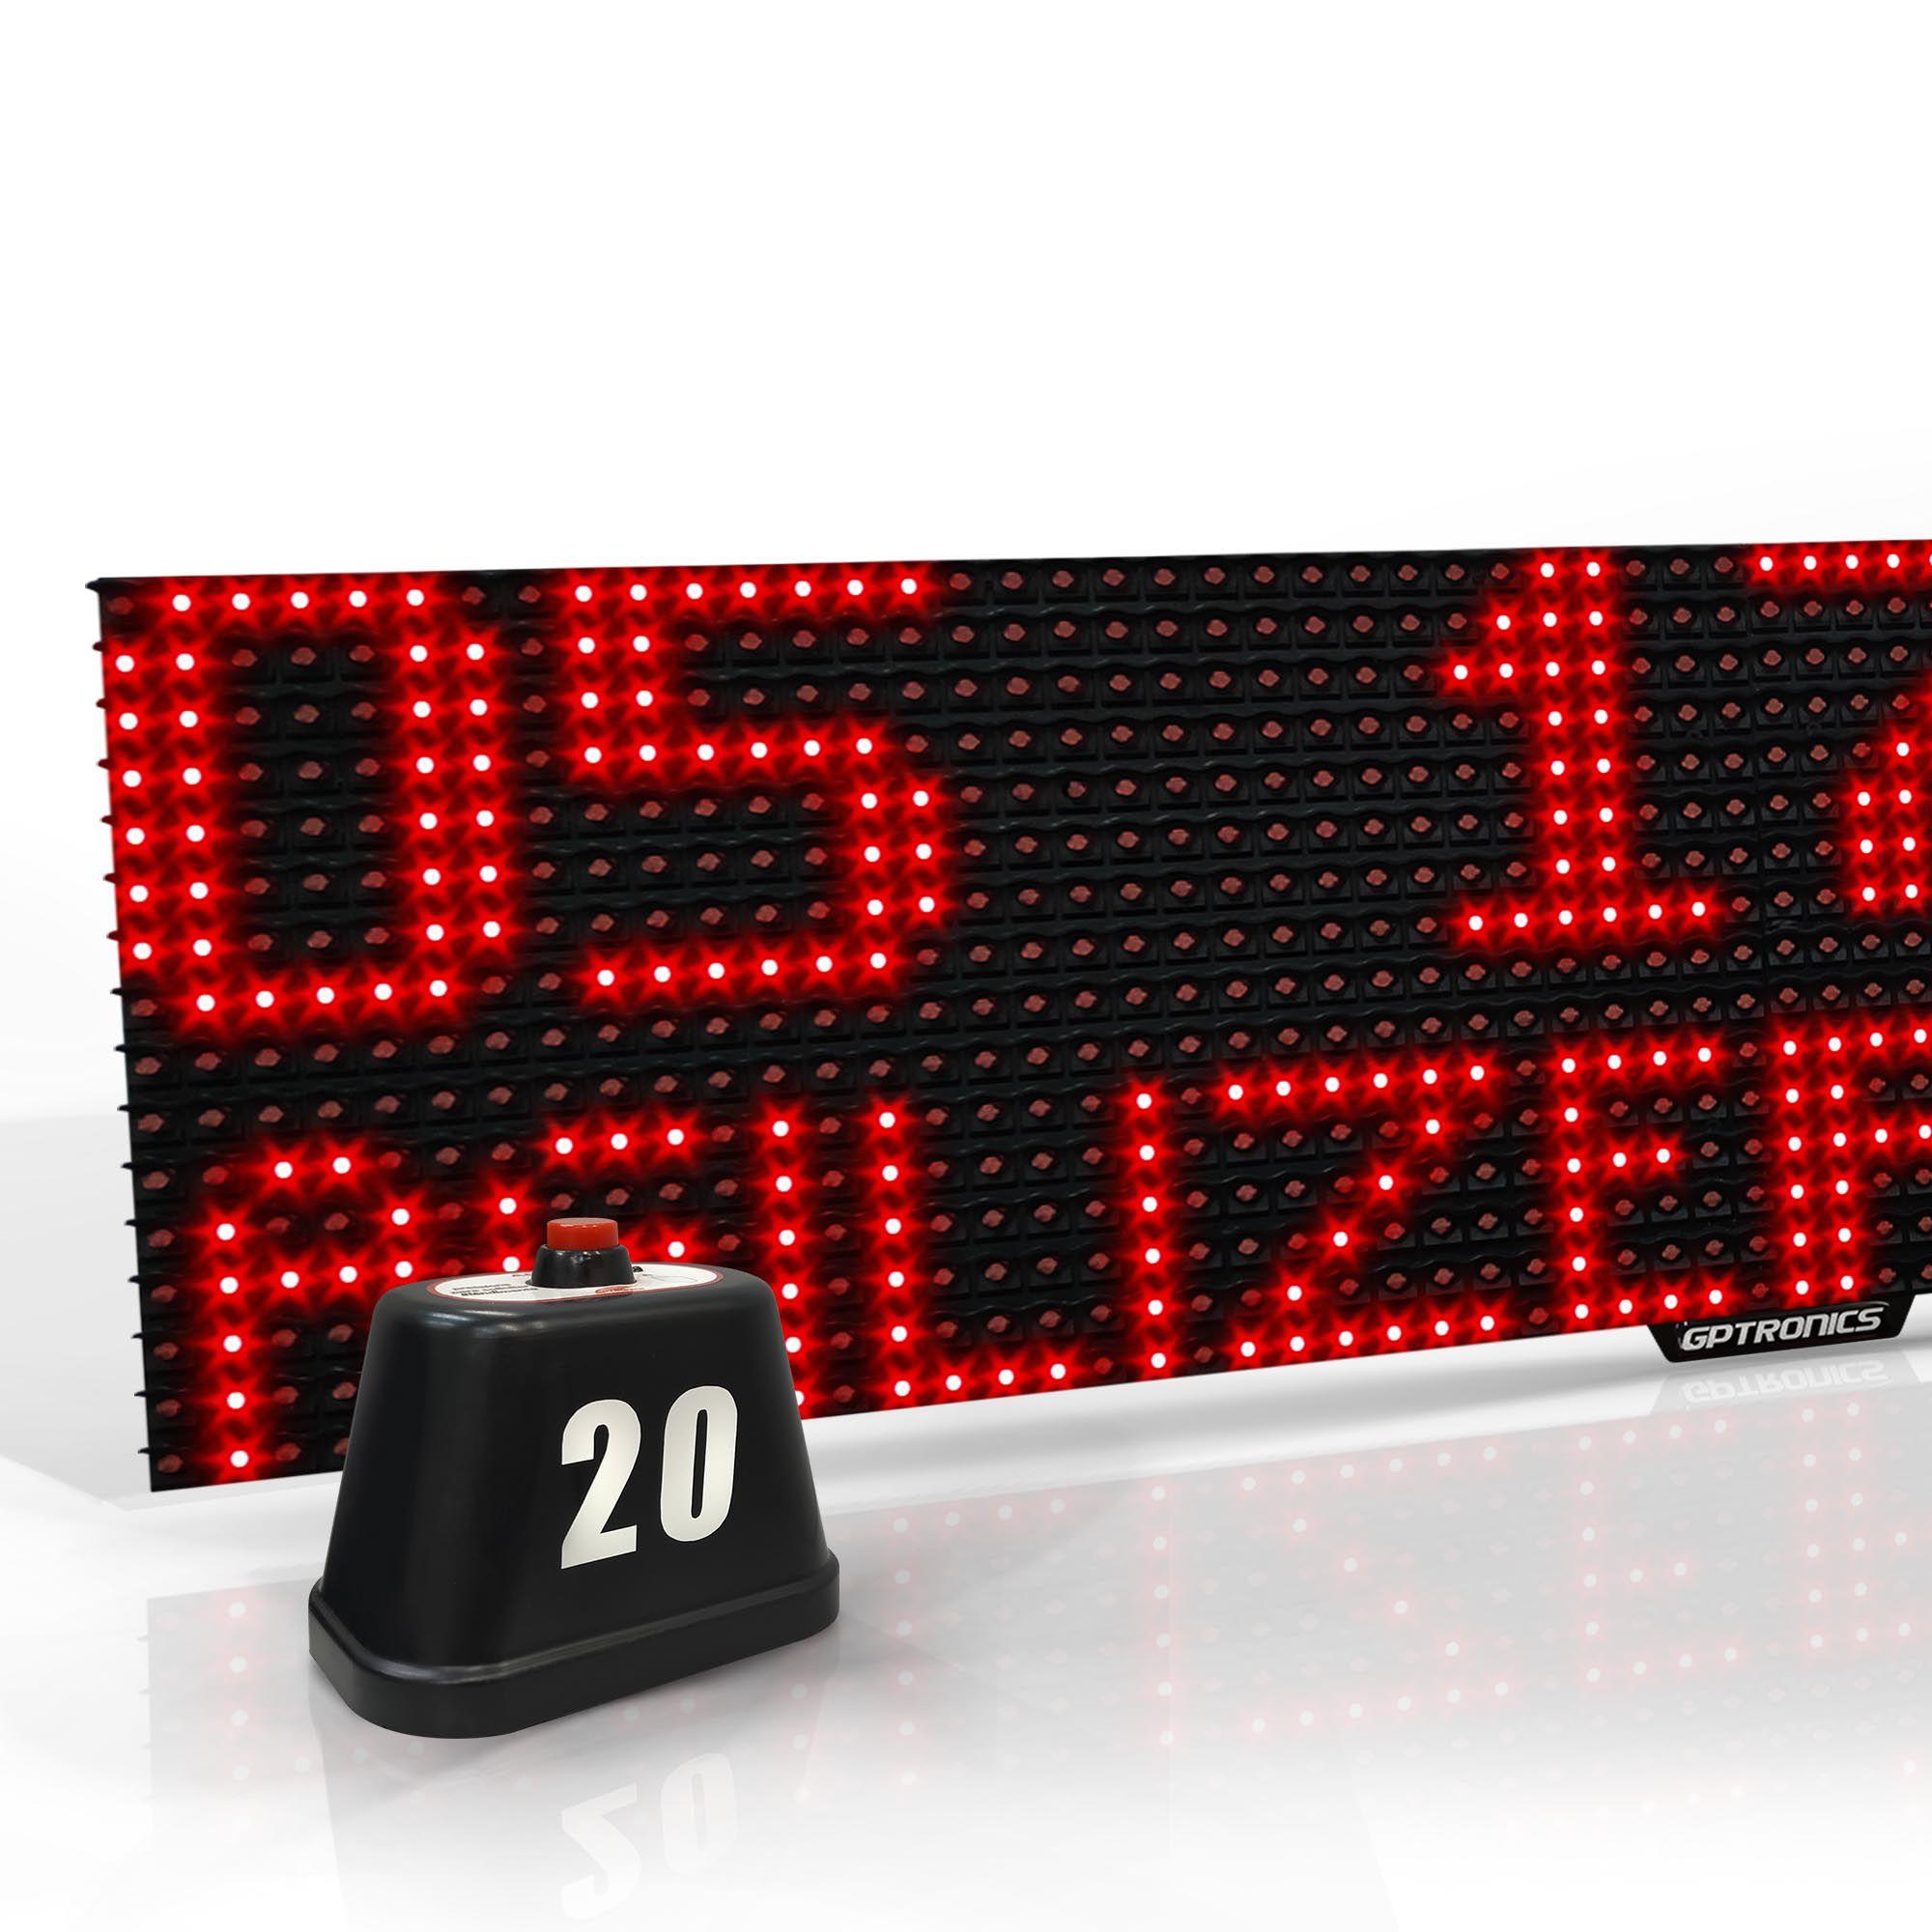 Agilize Full GA - Kit Painel Garçom com Mensagem para 10 mesas - 64x16x4cm